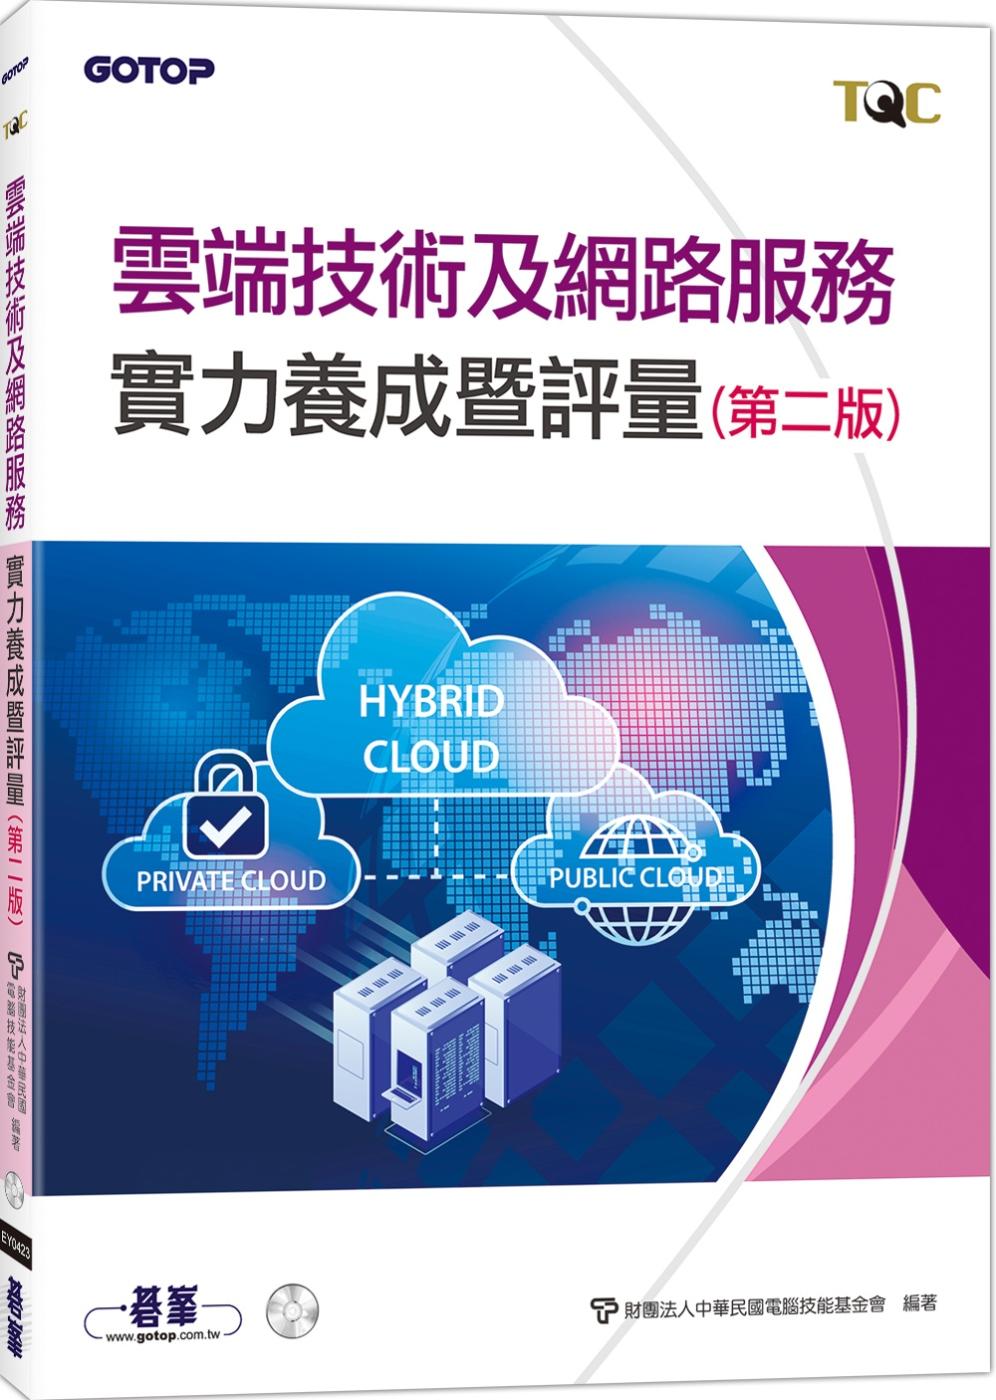 TQC 雲端技術及網路服務實力...